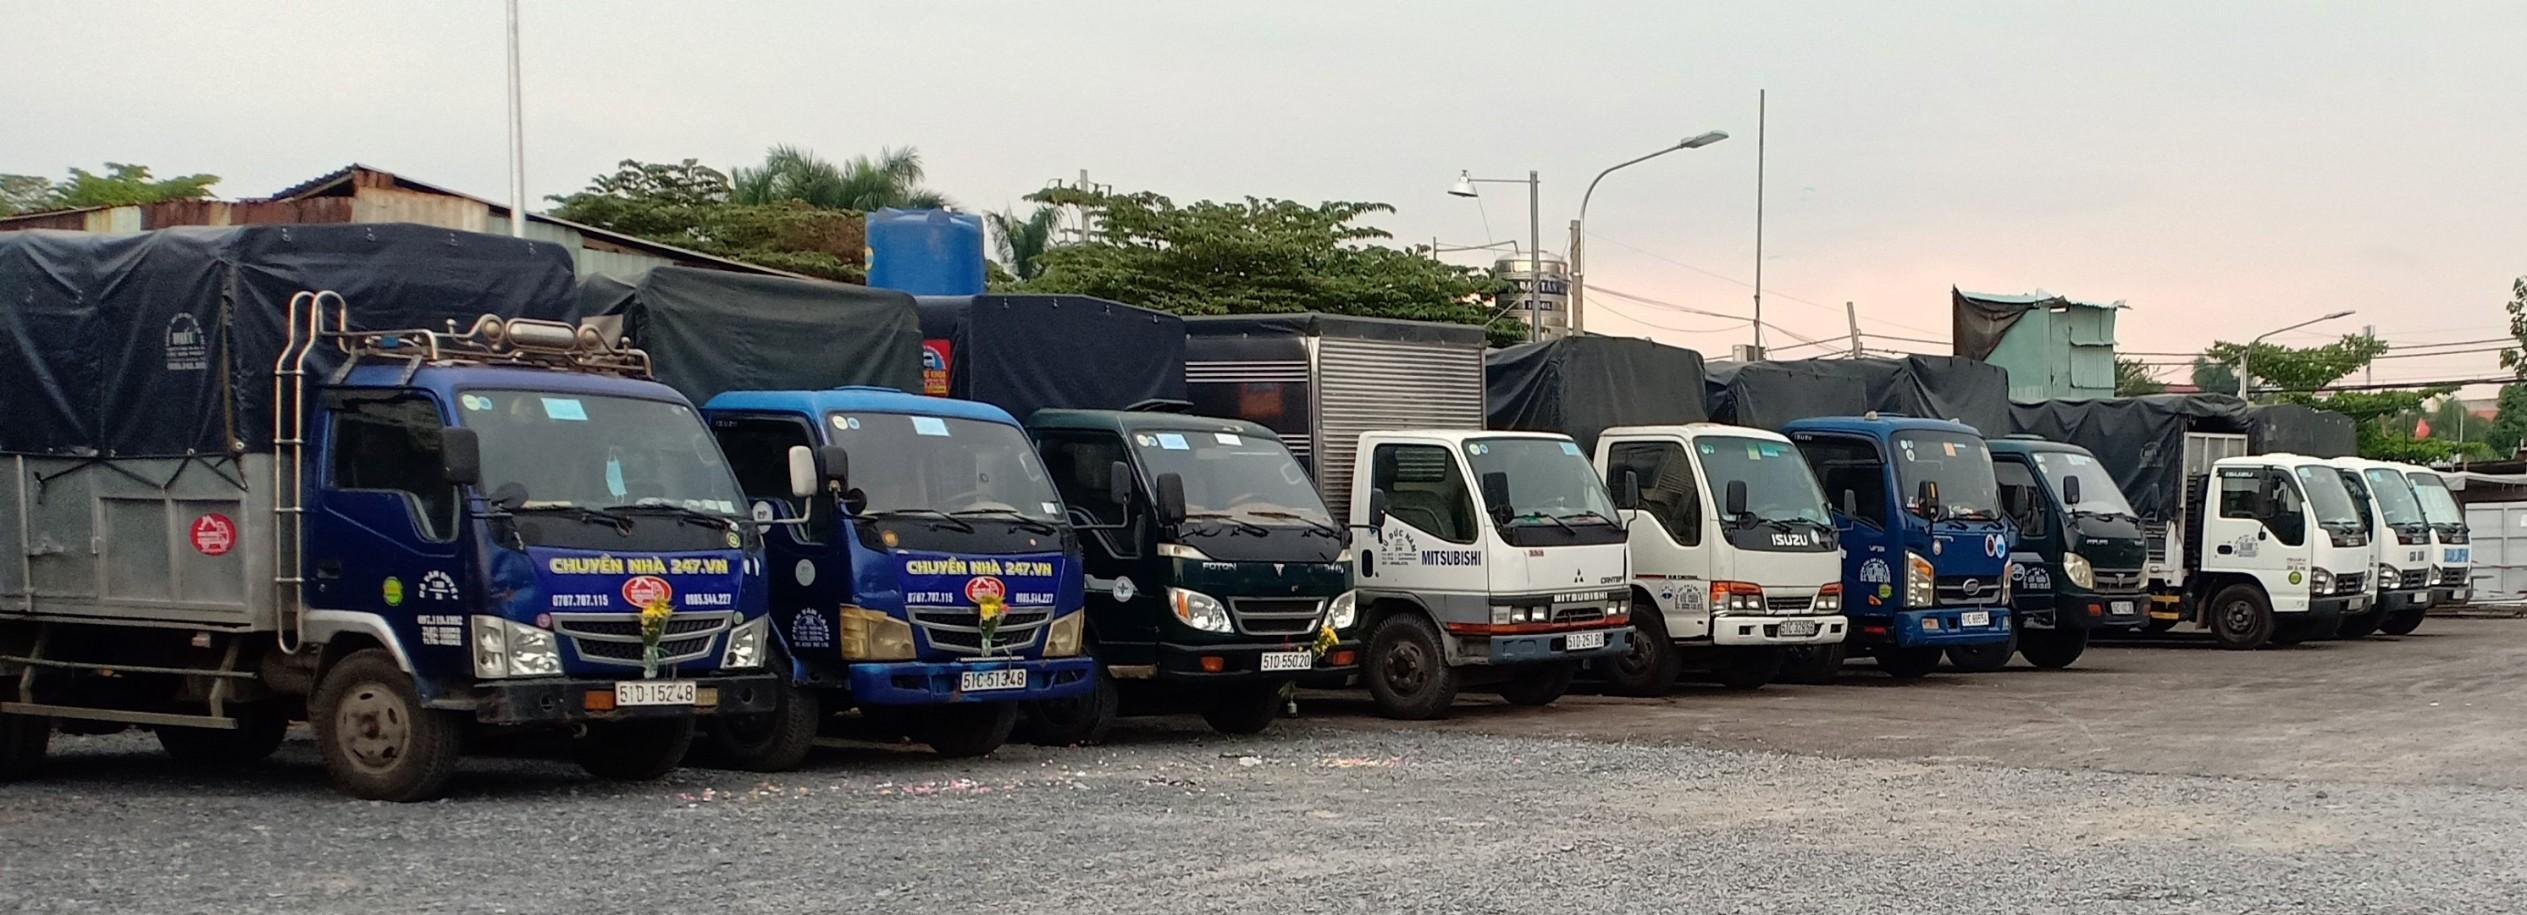 cho thuê xe taxi tải tại quận 5 giá rẻ